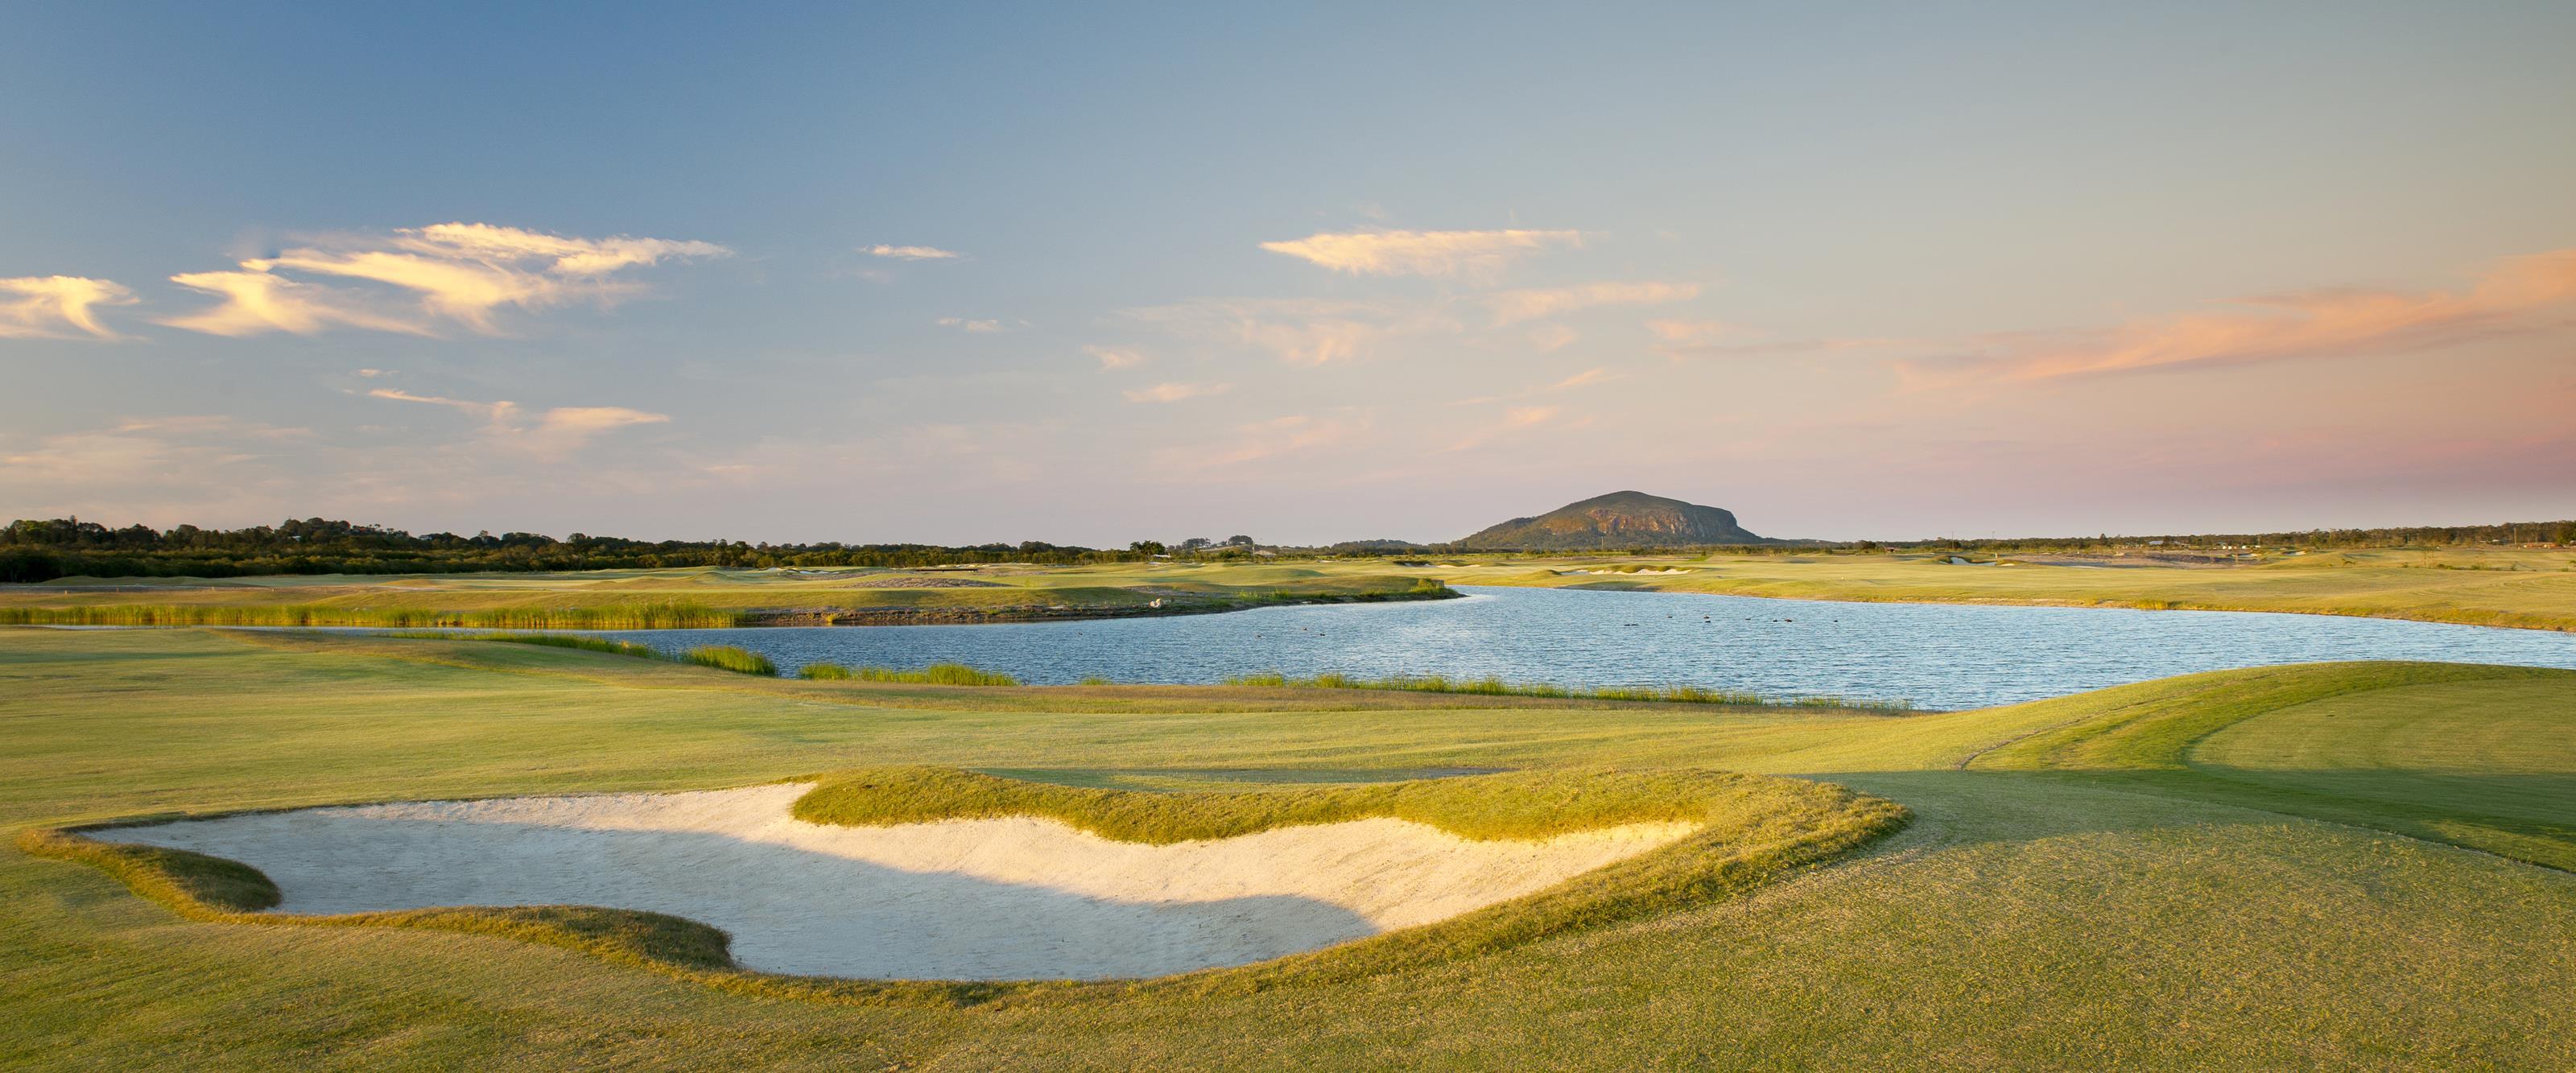 Maroochy Golf